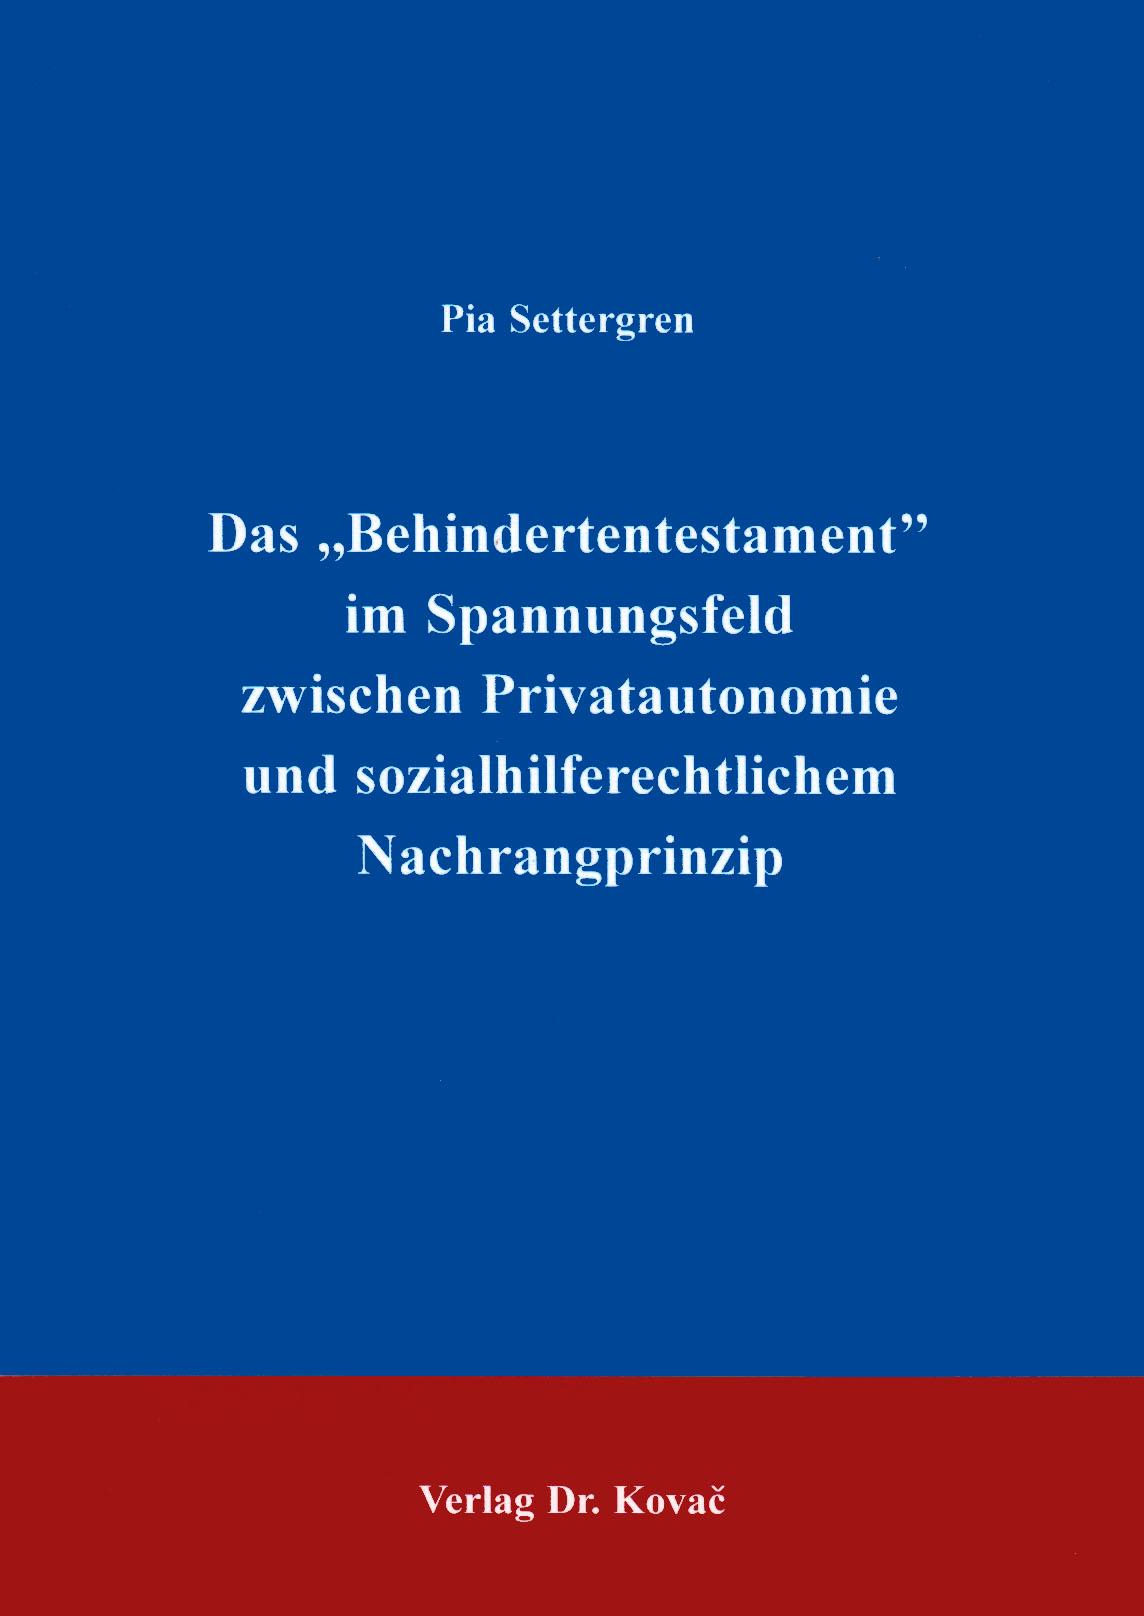 """Cover: Das """"Behindertentestament"""" im Spannungsfeld zwischen Privatautonomie und sozialhilferechtlichem Nachrangprinzip"""